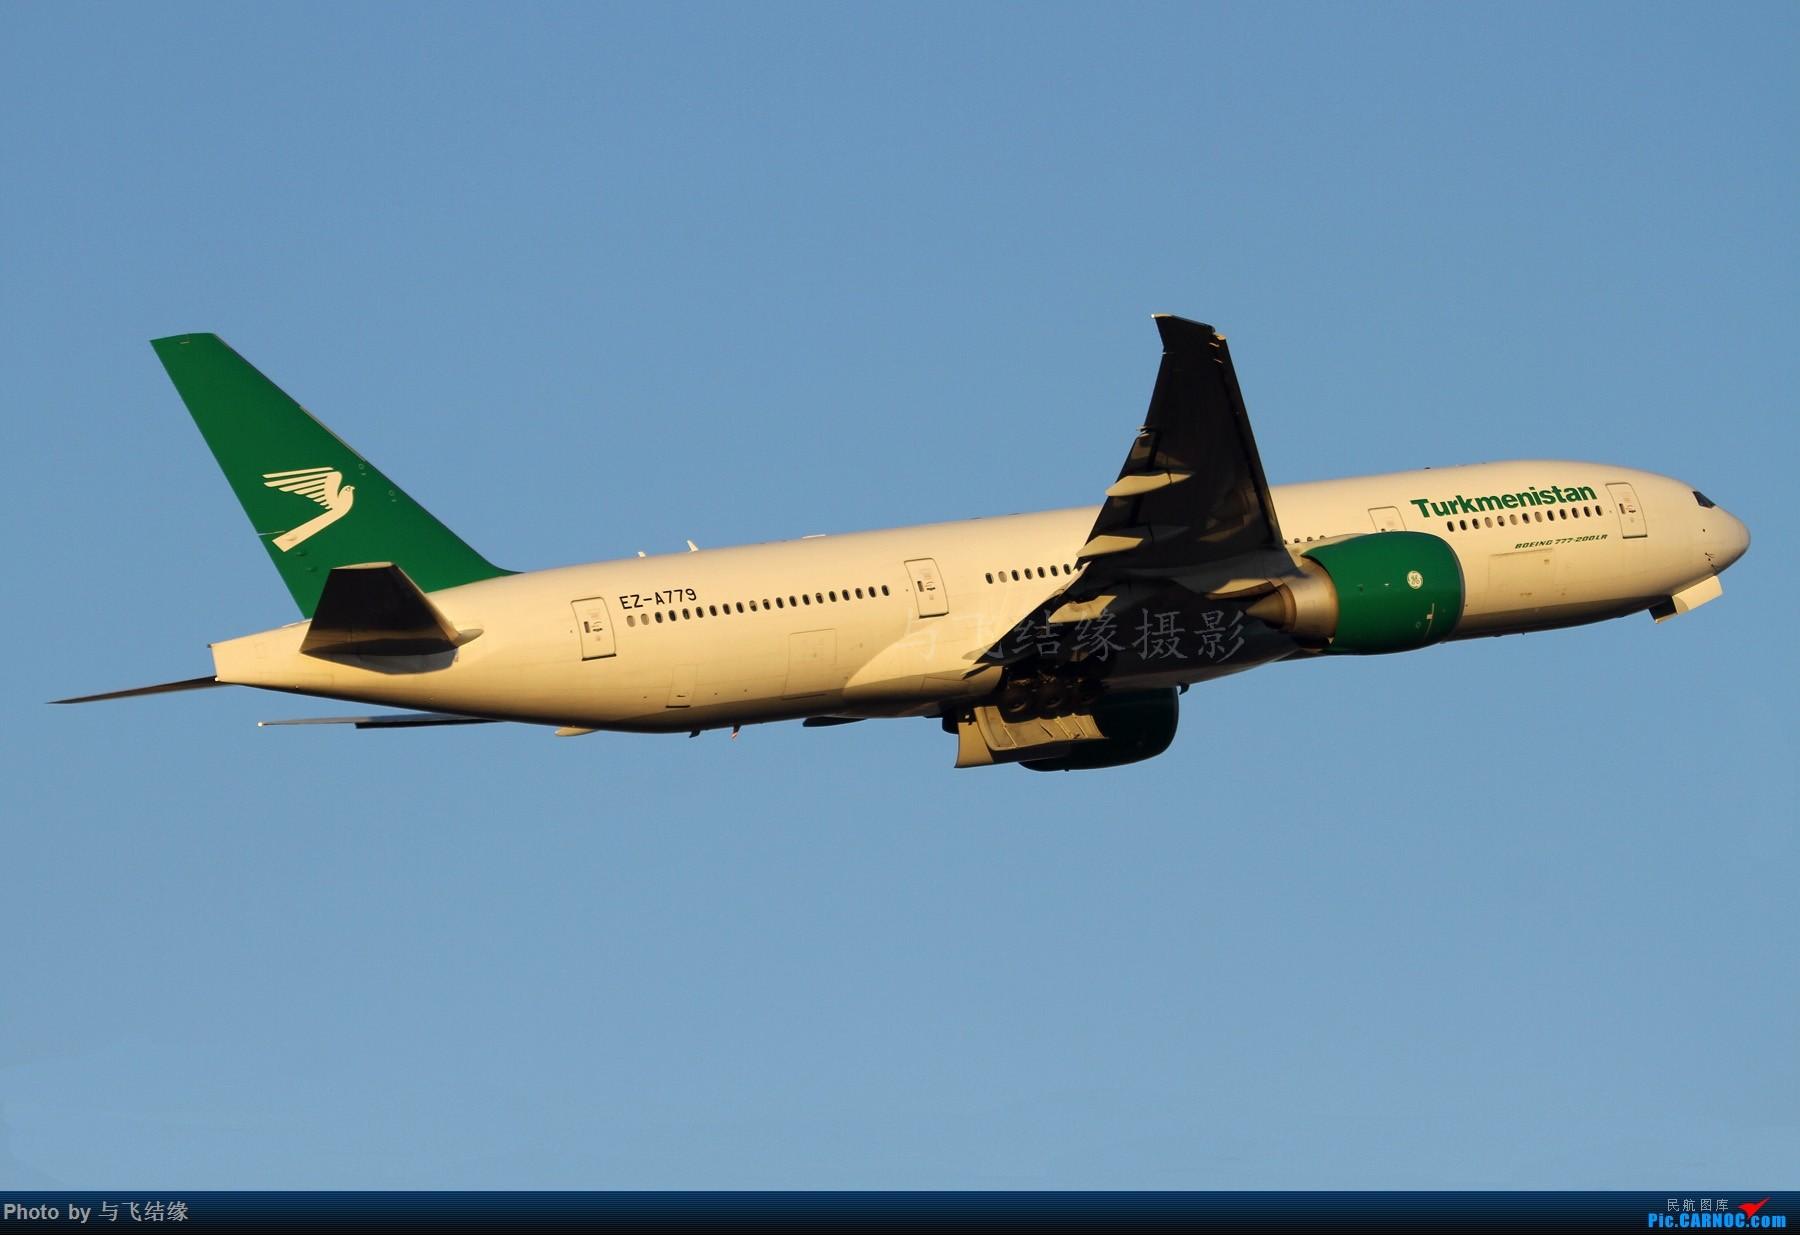 """Re:[原创]""""早起的鸟儿有虫吃""""祥鹏航空,美佳航空,土库曼斯坦航空等! BOEING 777-200ER EZ-A779 中国北京首都国际机场"""